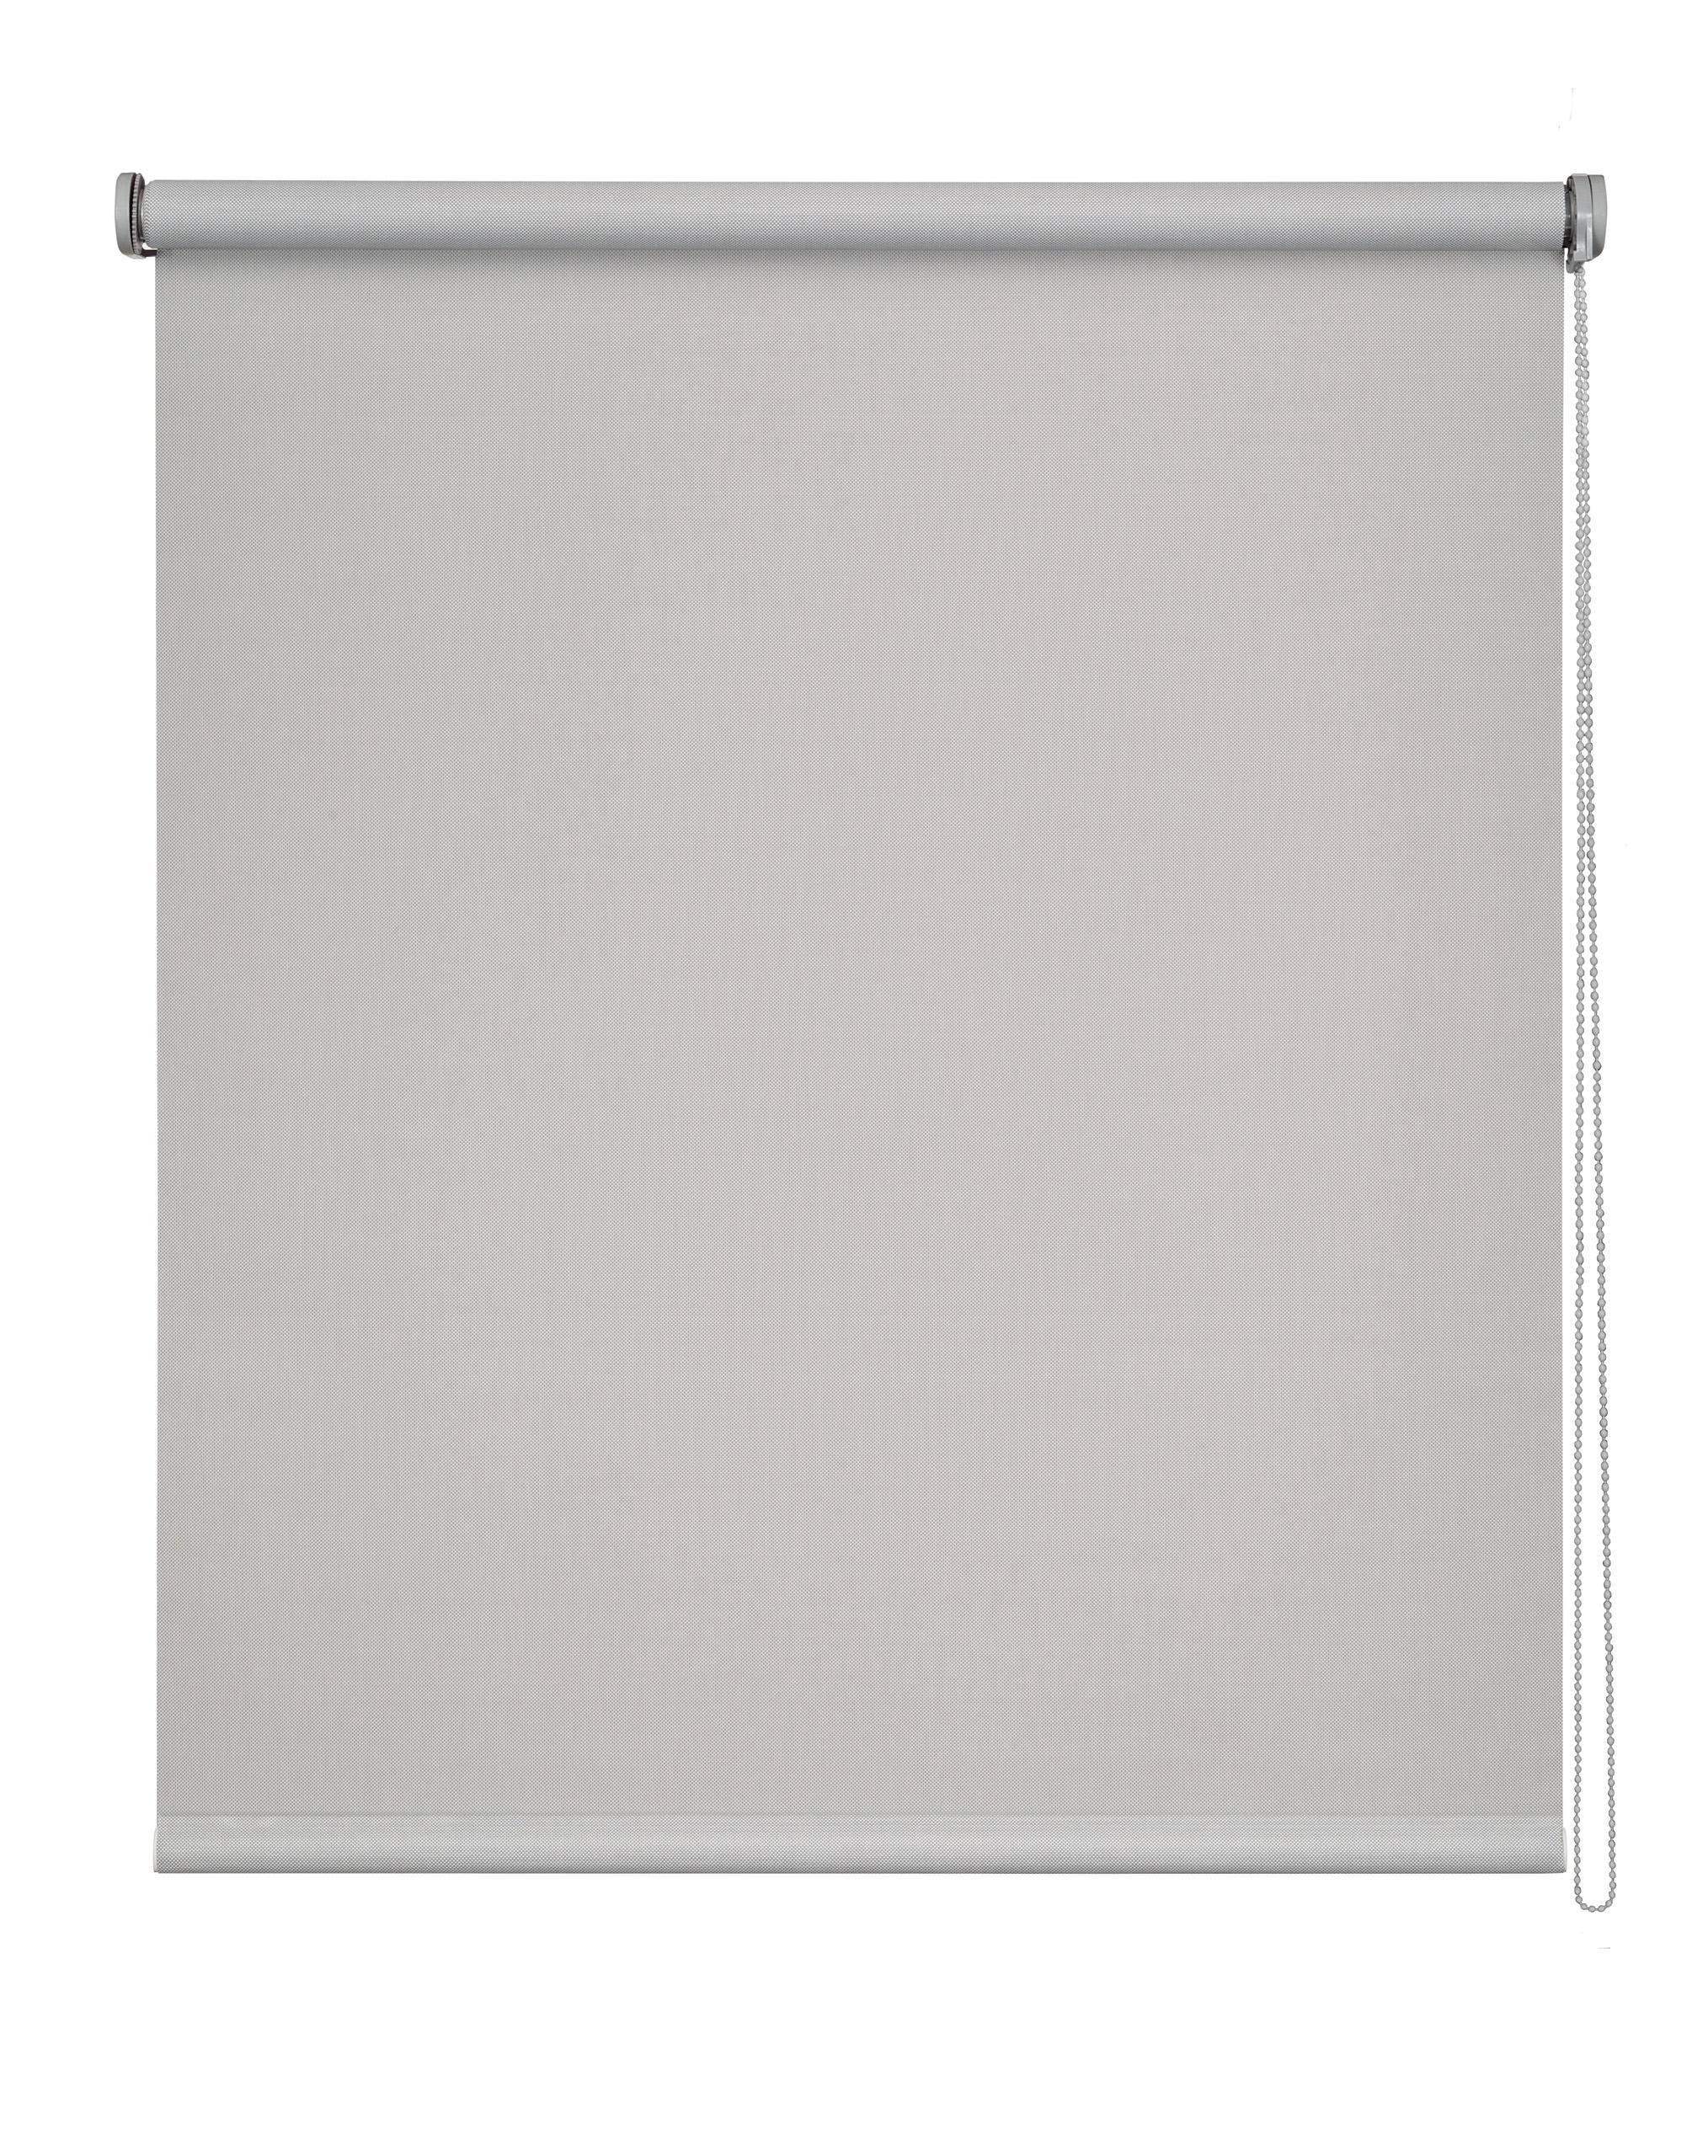 Store Enrouleur voile Screen - Beige - 120 x 250 cm